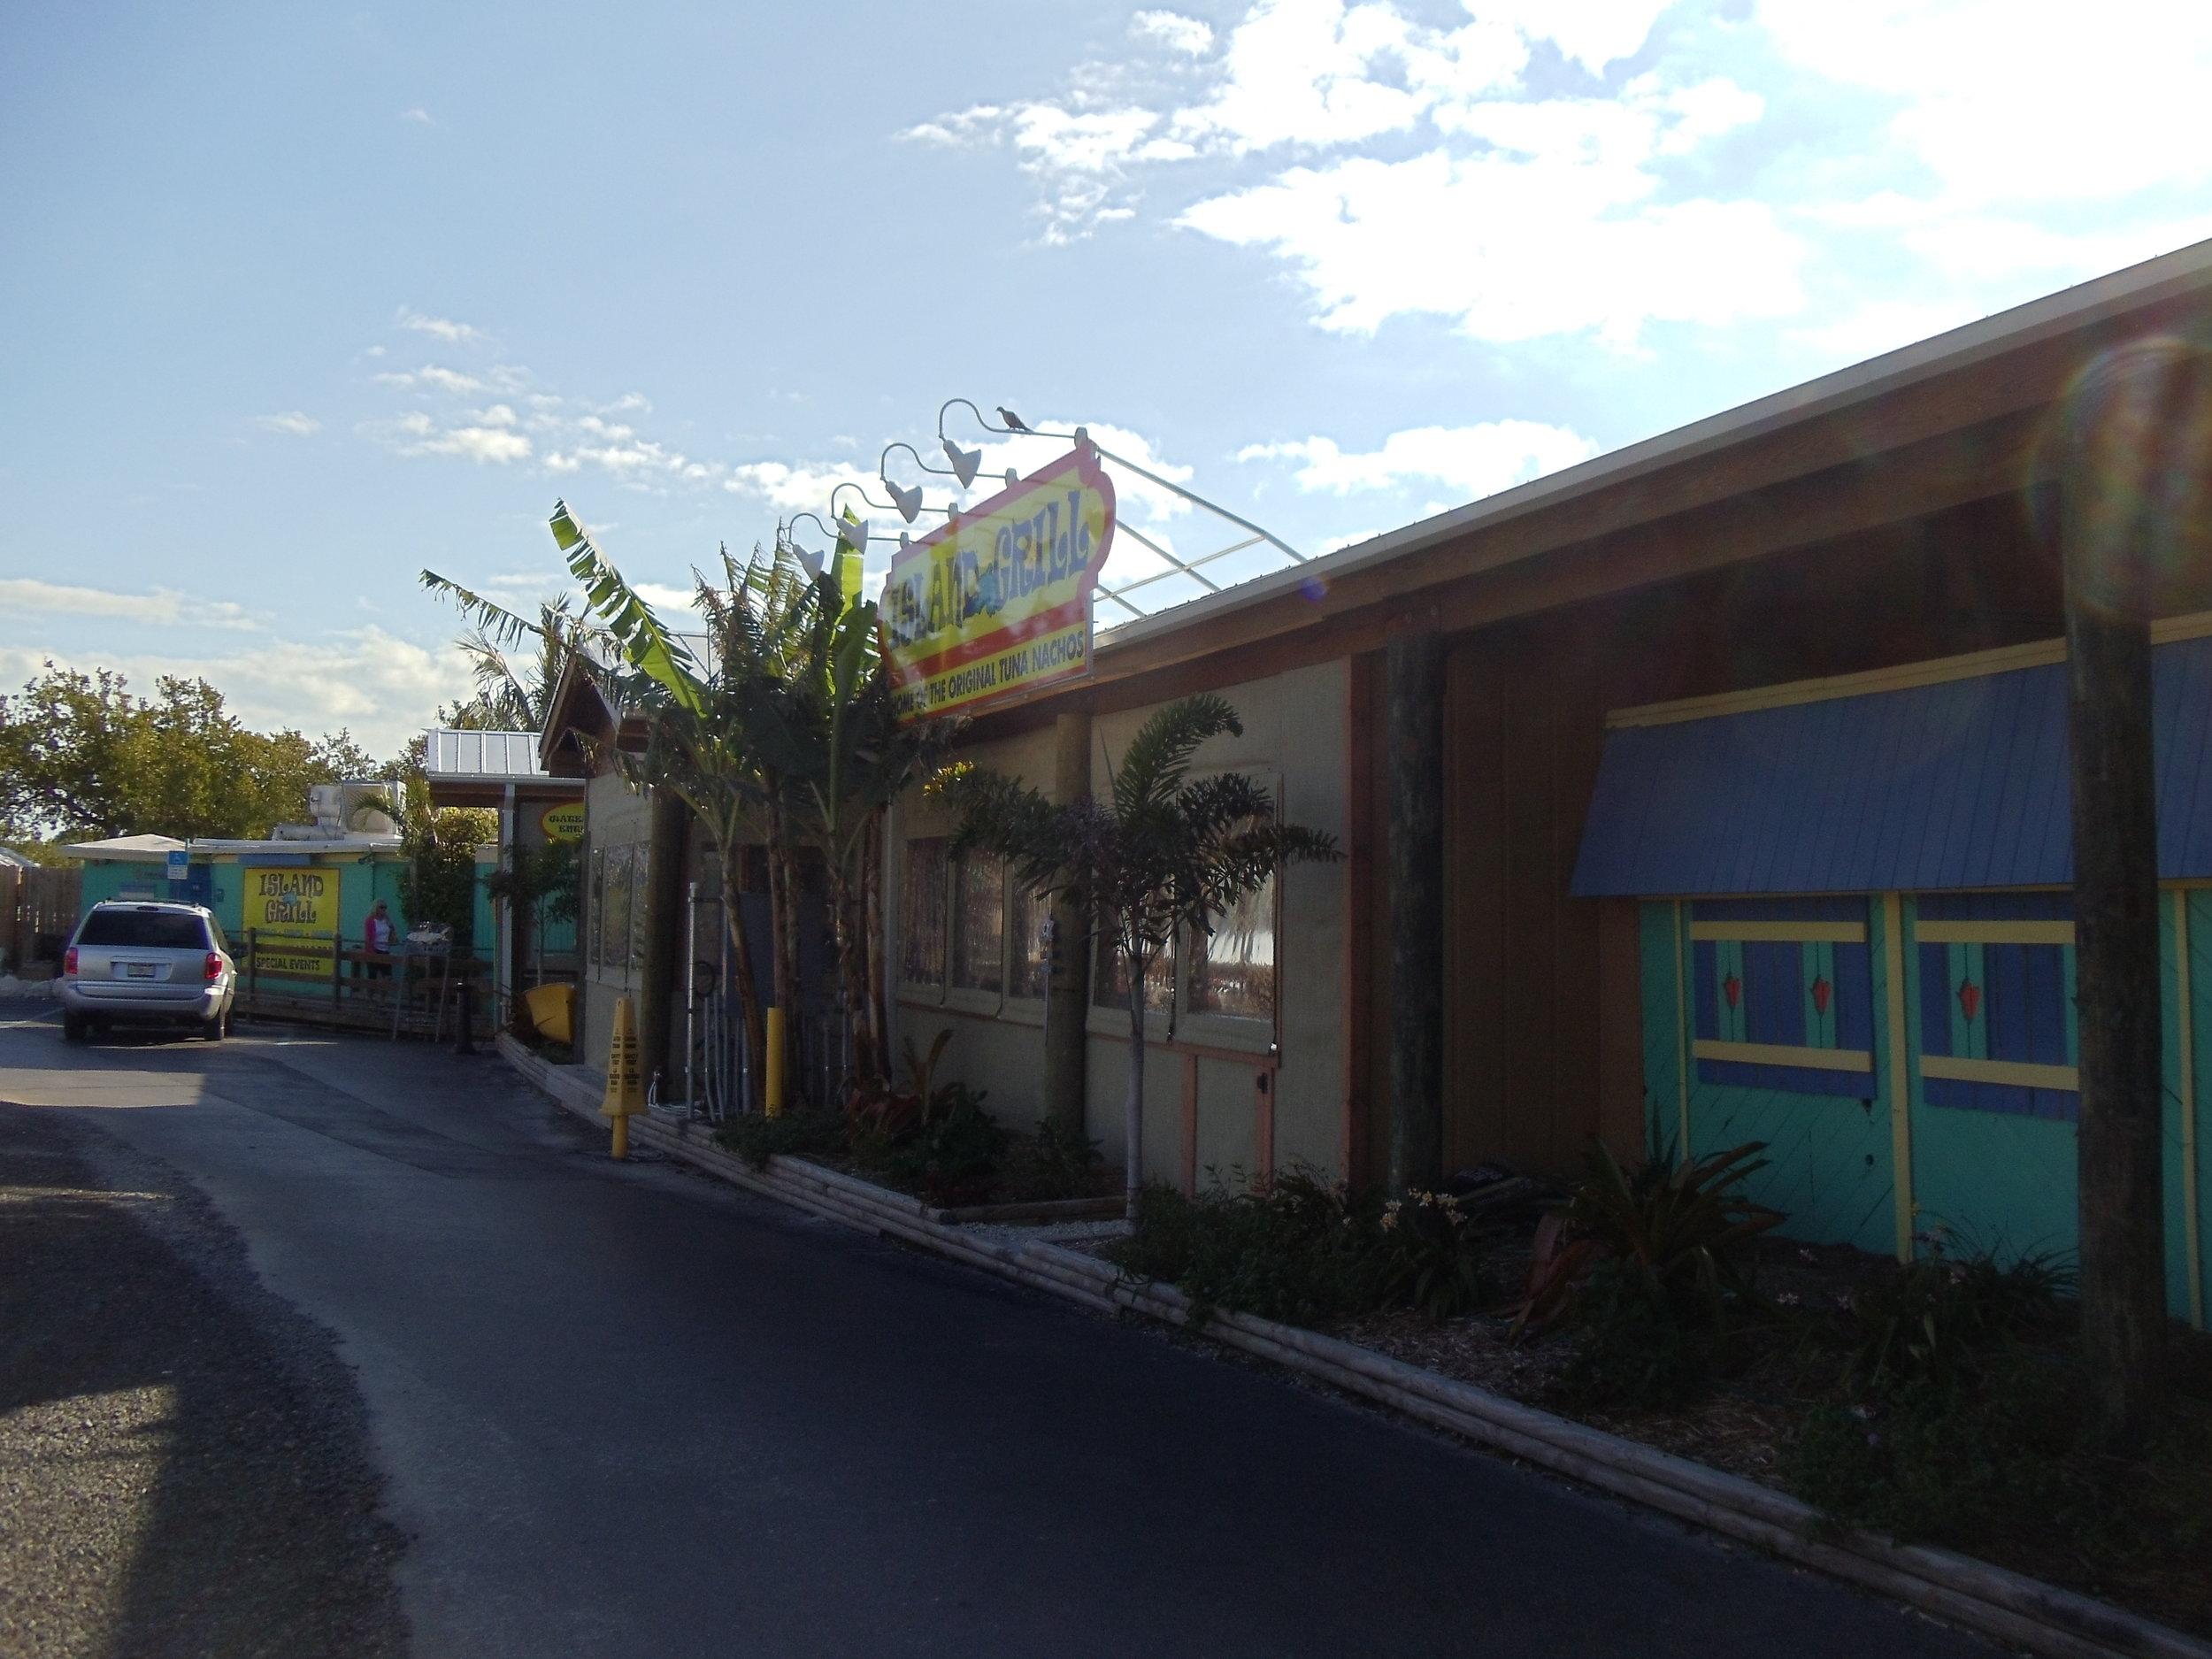 Island Grill Entrance